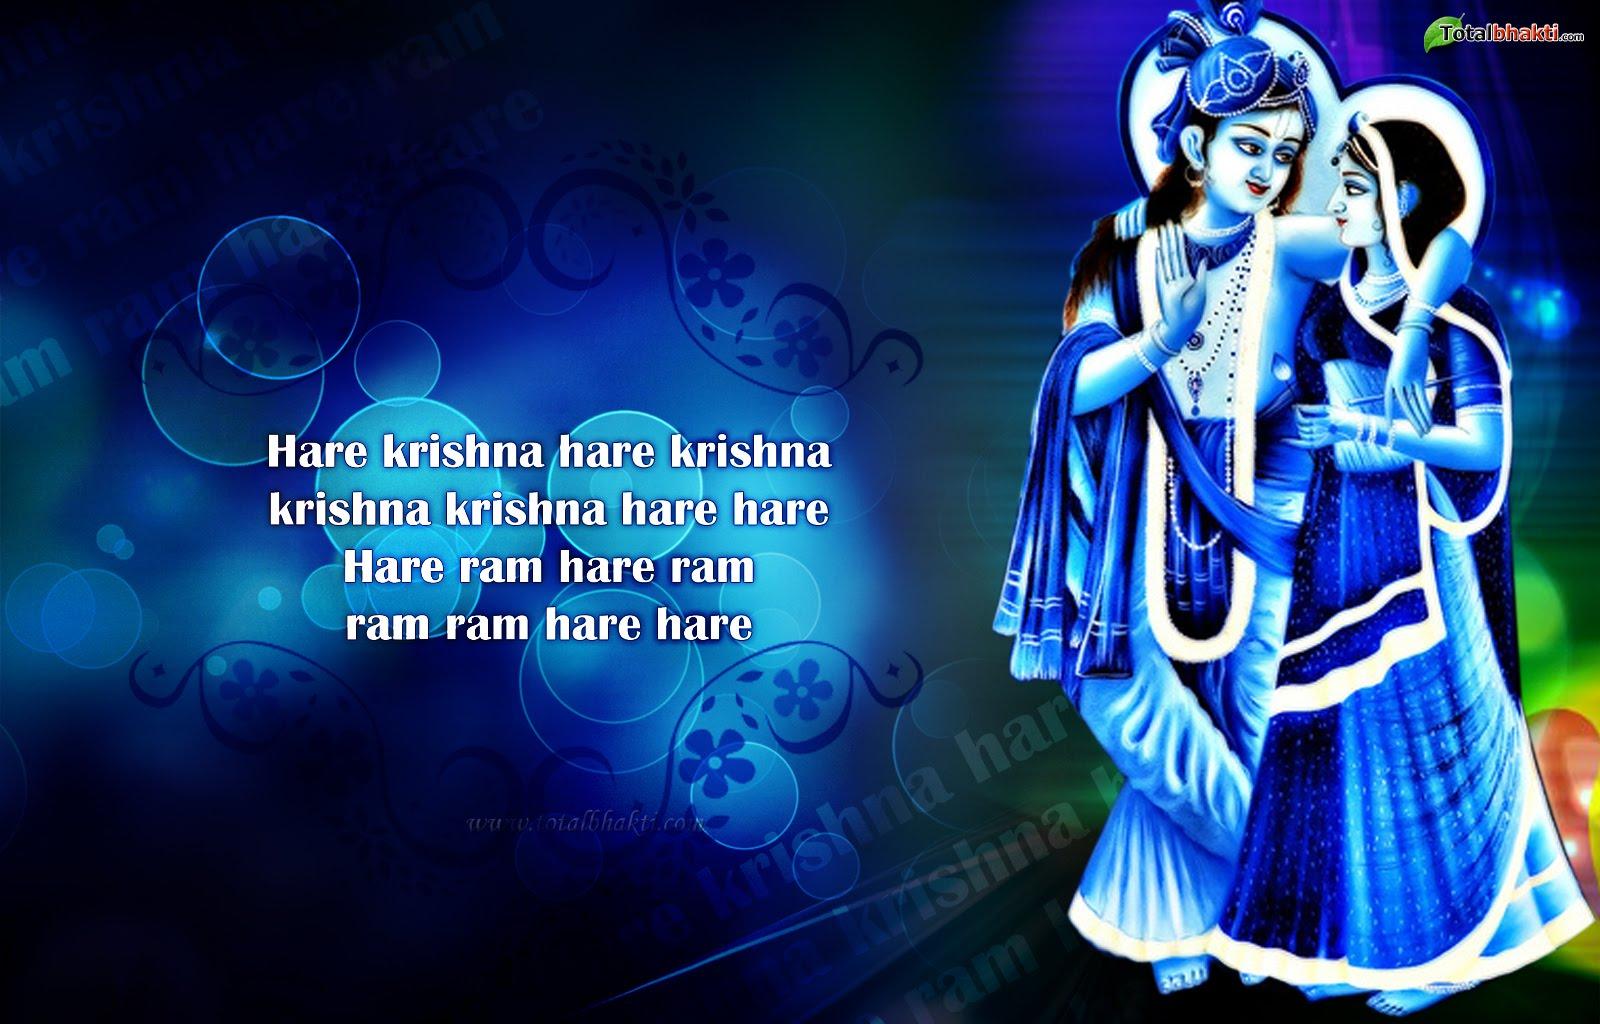 http://4.bp.blogspot.com/-6akBQZo7JSs/UB5TCYNWAgI/AAAAAAAAIXU/ImRQi0vWWNg/s1600/Janmashtami-Wallpapers-Lord-Krishna-Wallpapers-3.jpg